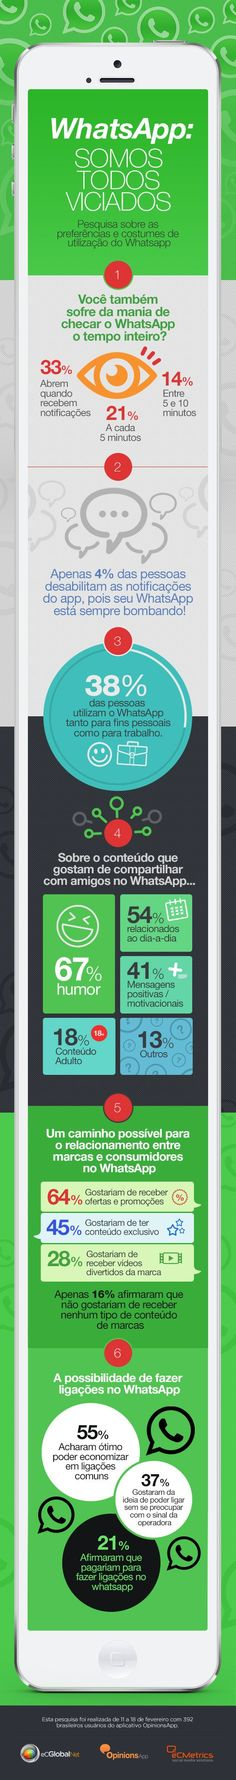 Como o WhatsApp é utilizado no Brasil #Infografico #App #Brazil